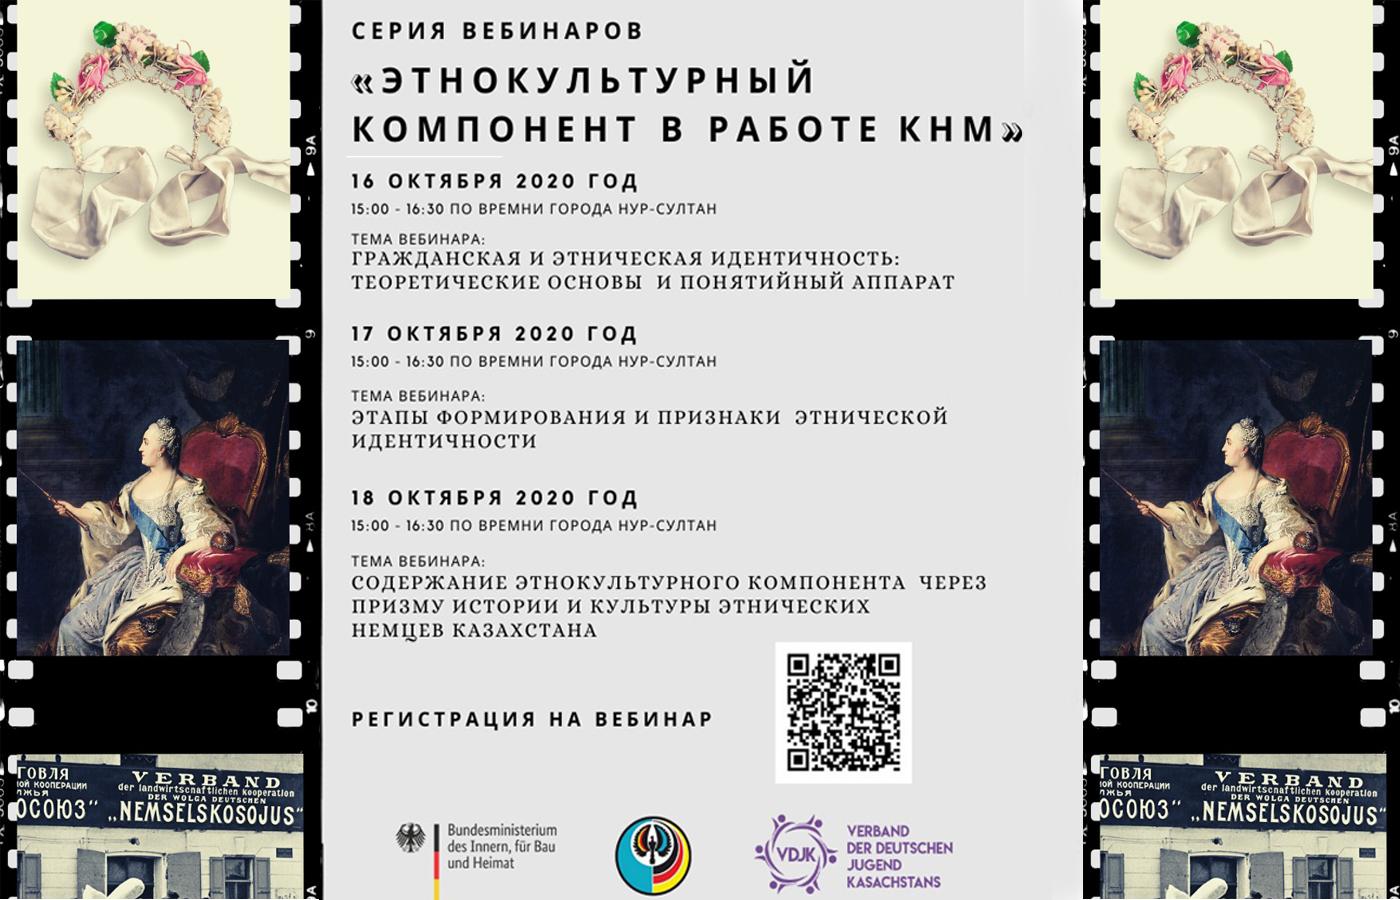 Сбор заявок на участие в вебинарах «Этнокультурный компонент в работе КНМ»